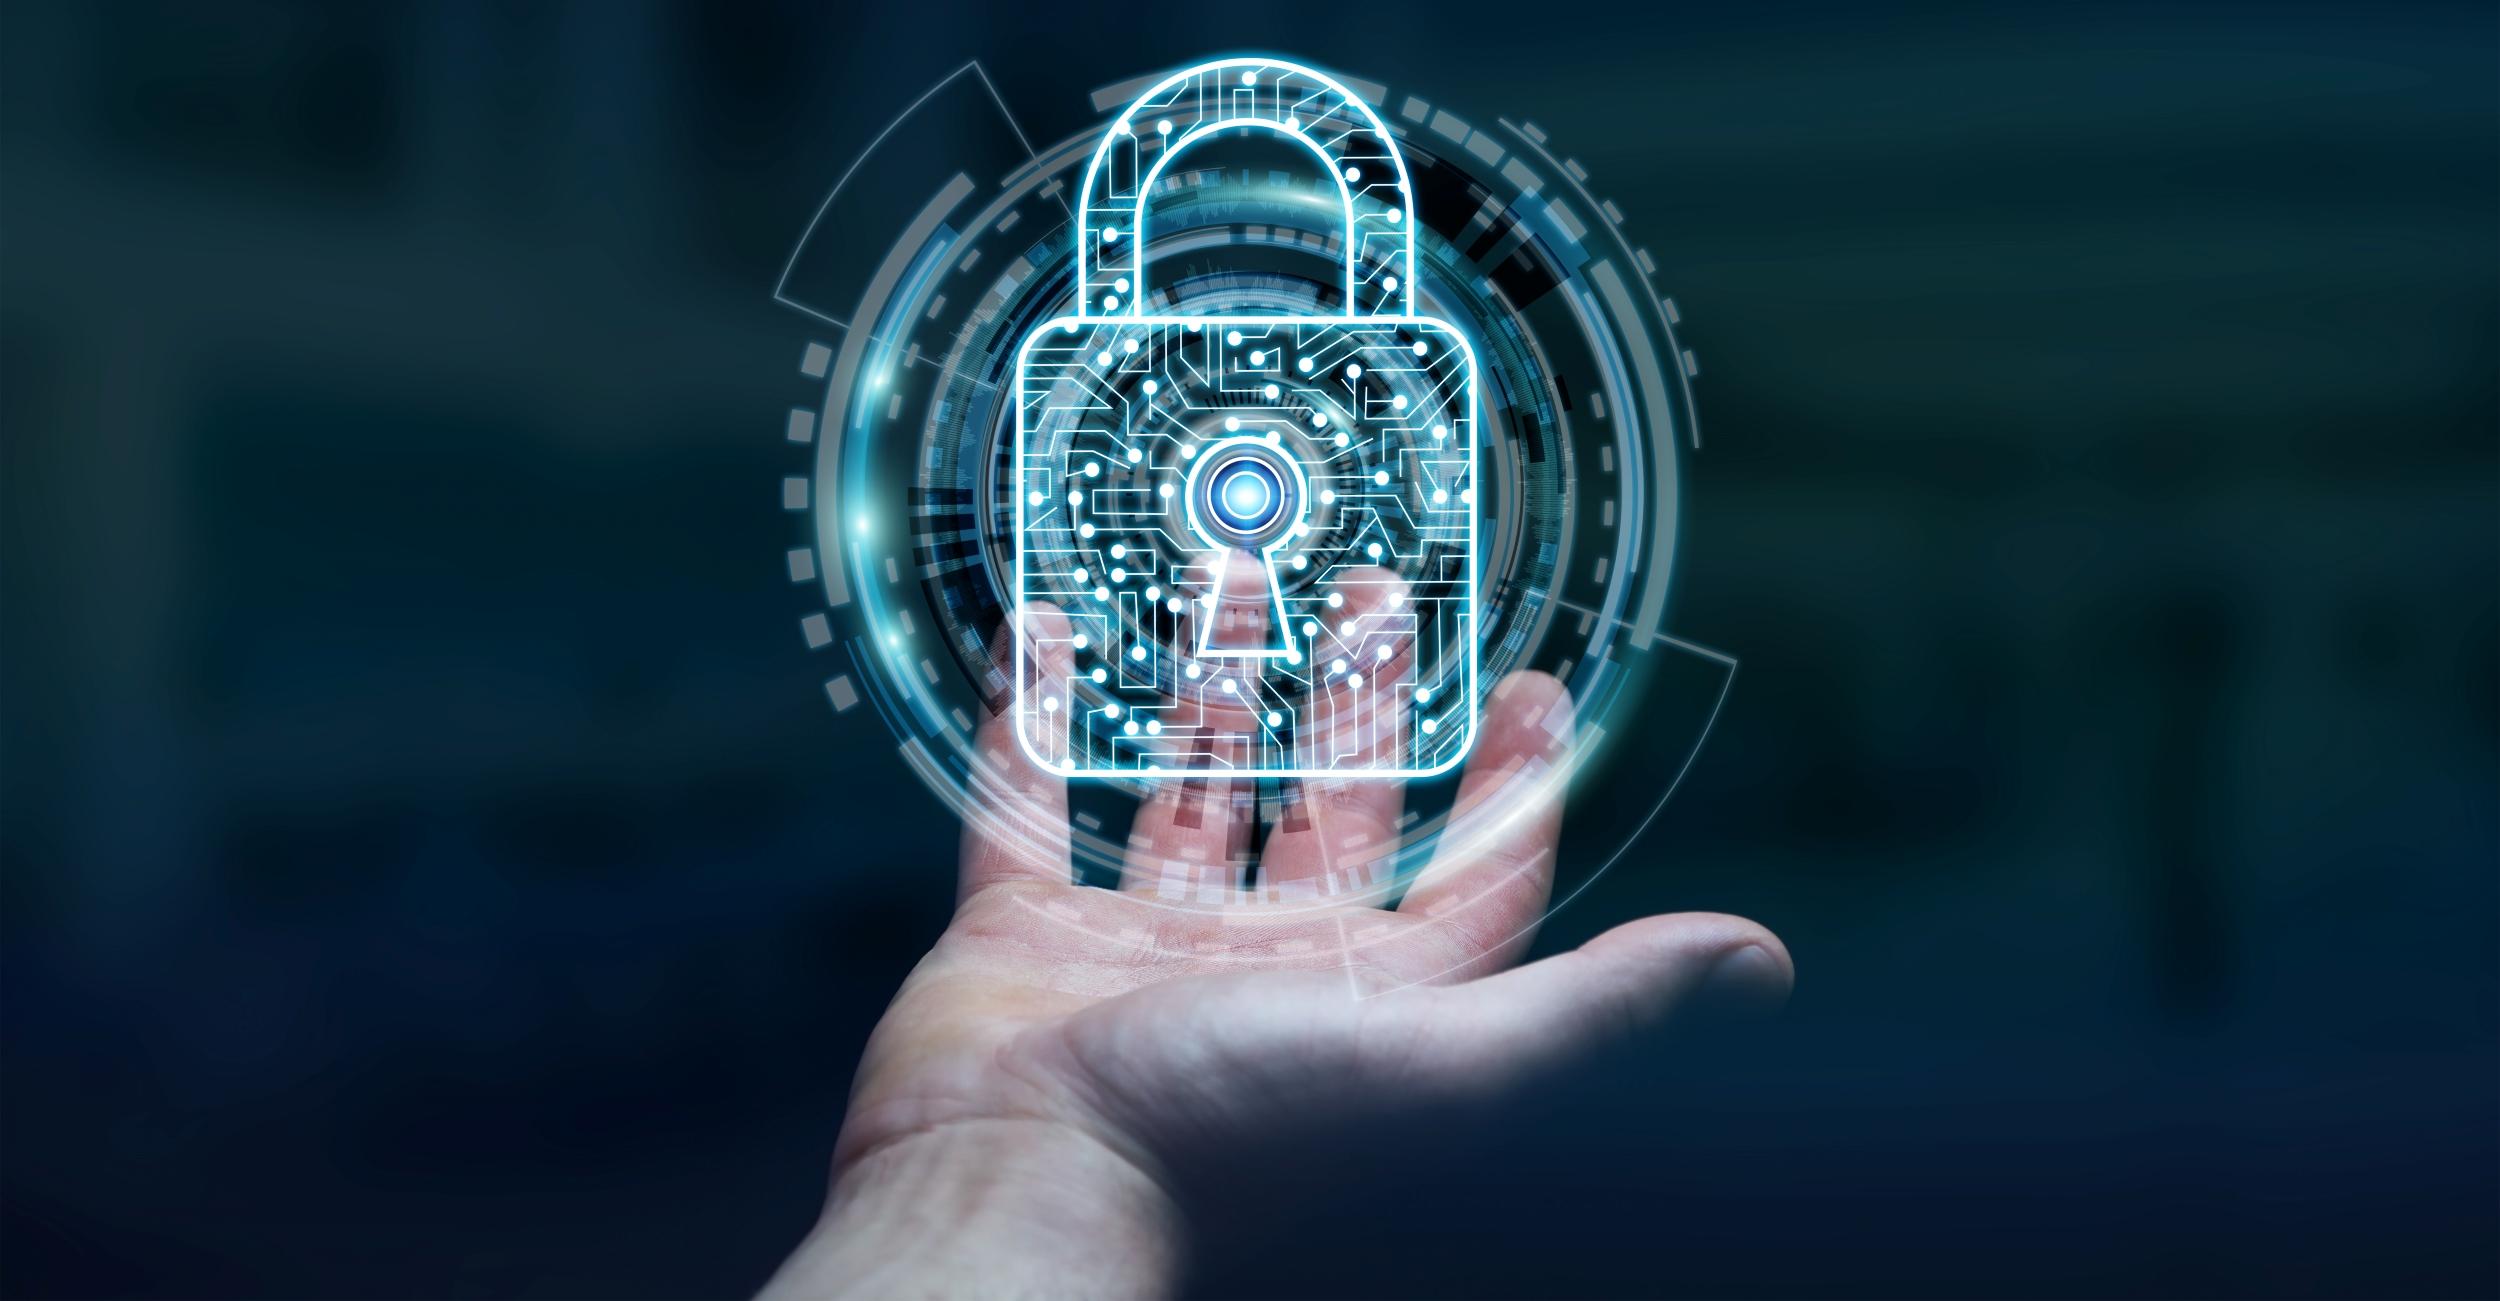 Seguridad en IoT: ¿estamos finalmente tomando conciencia de su importancia?